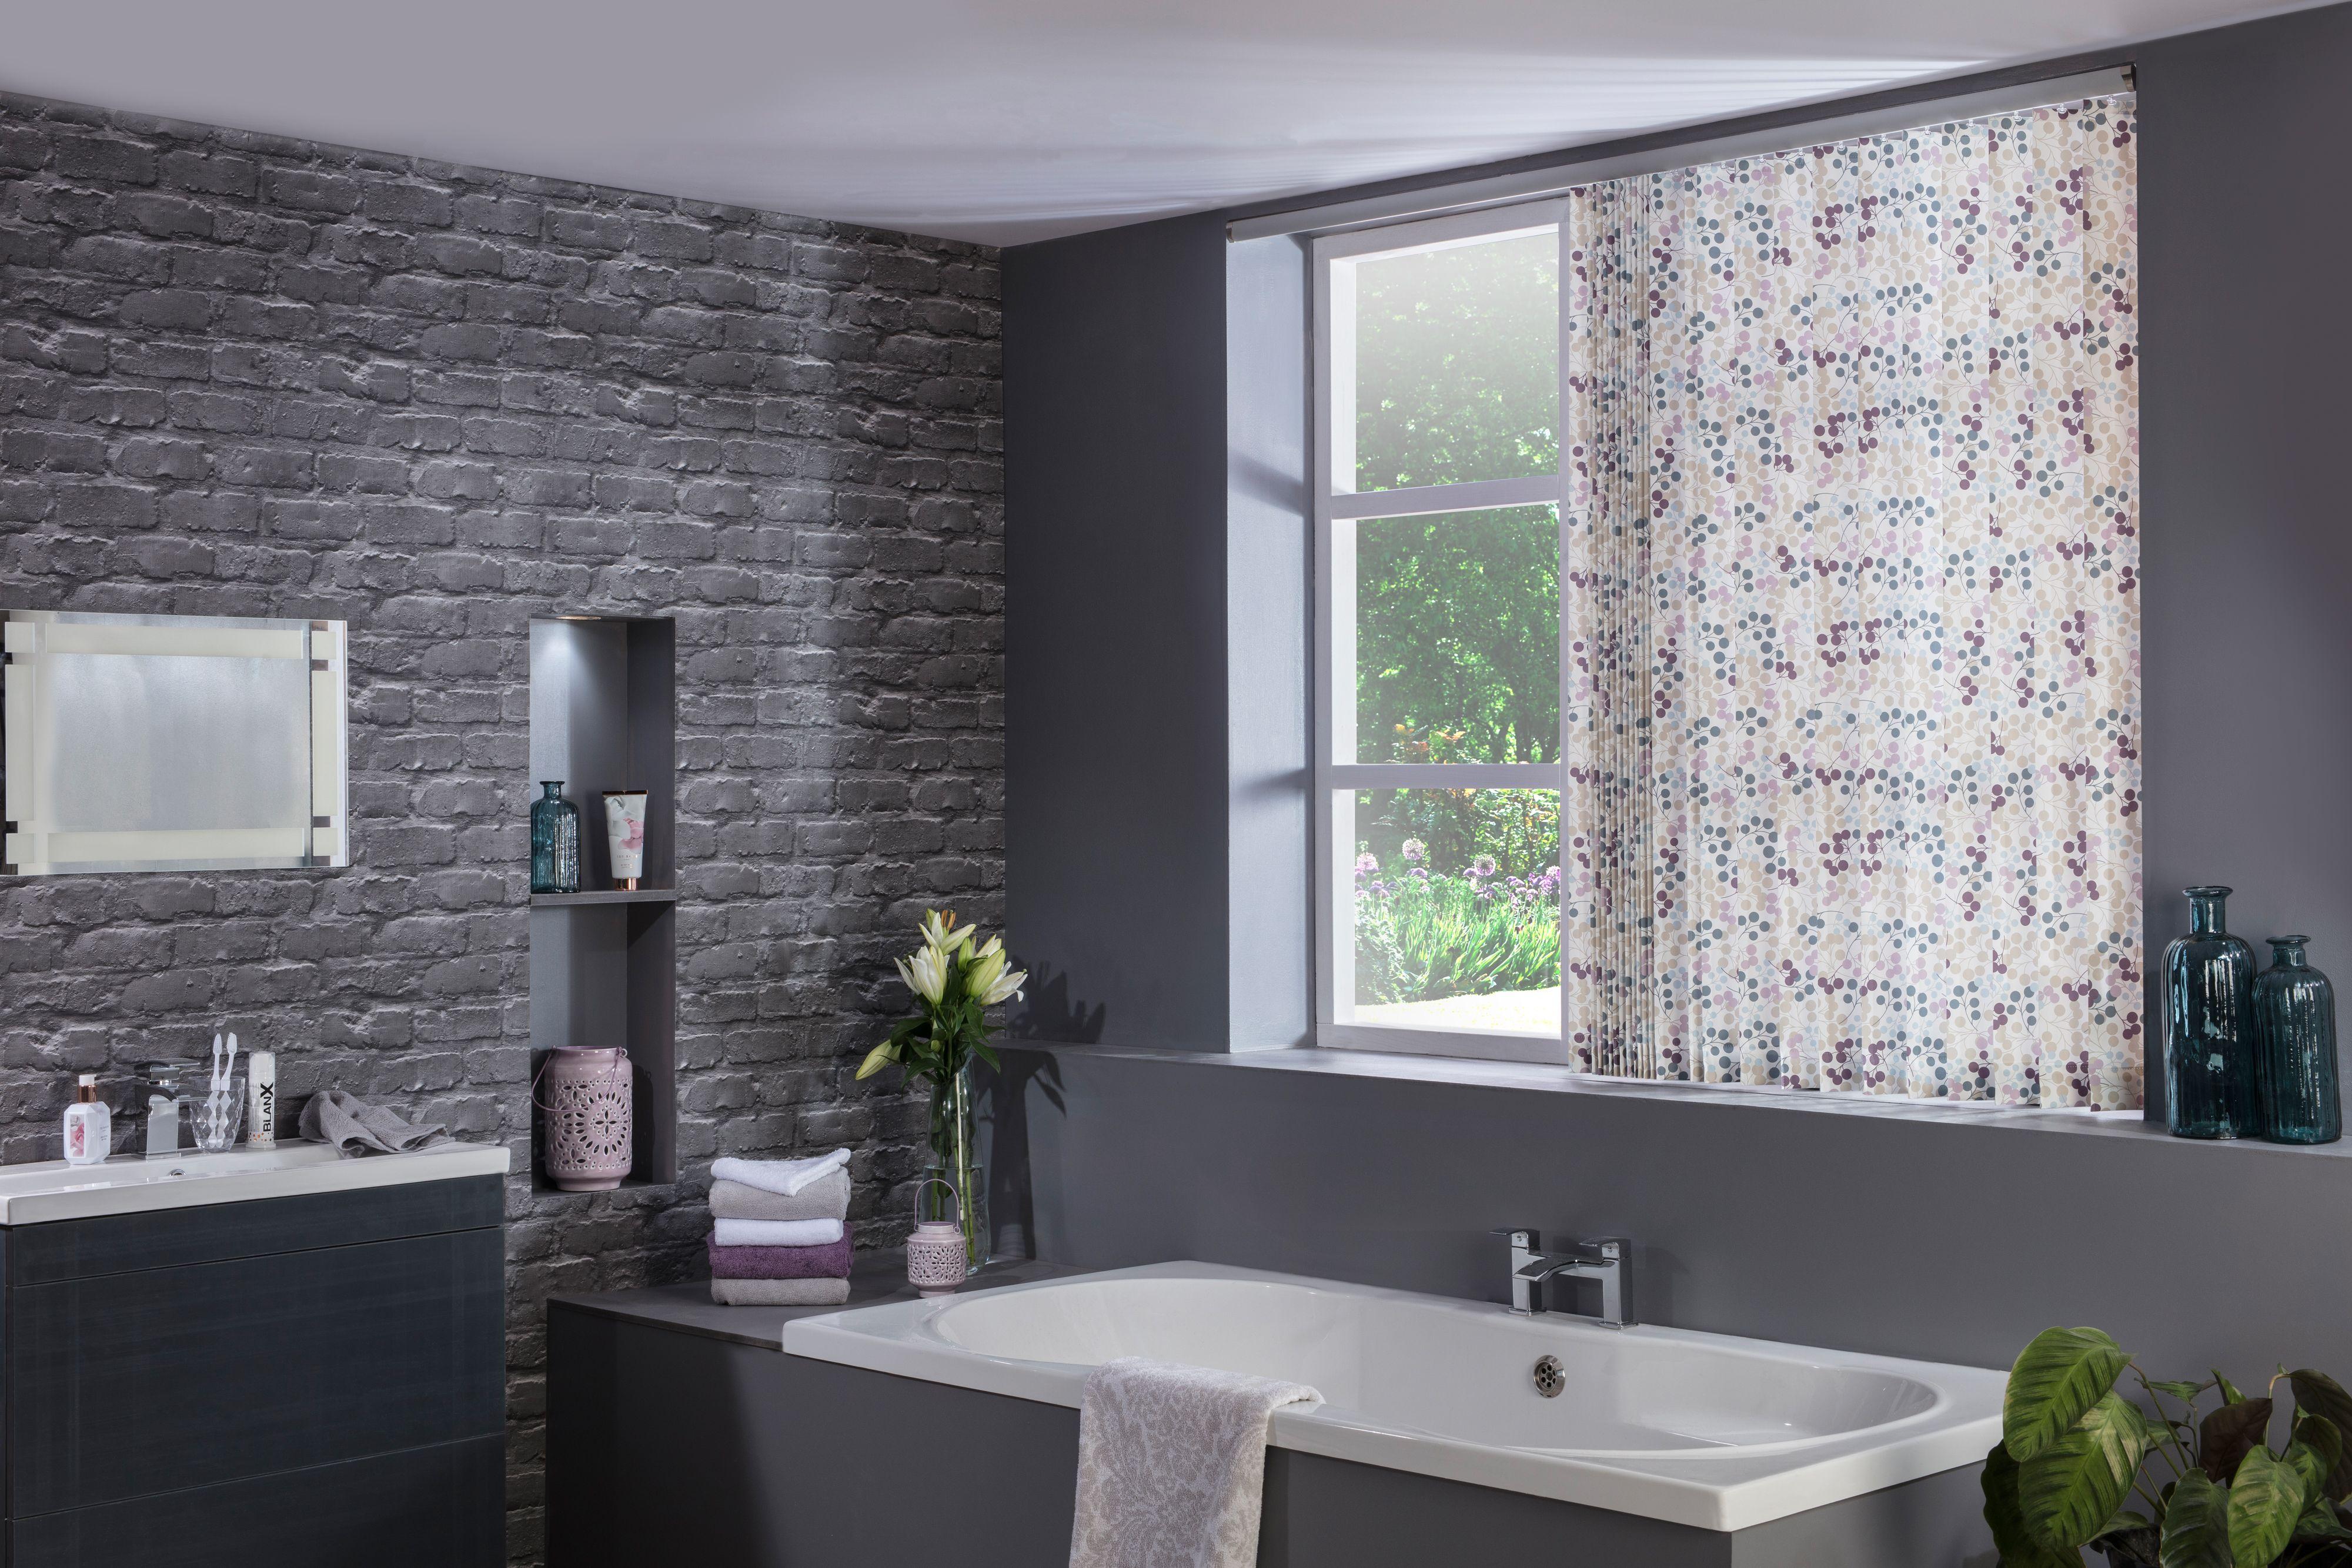 Burst grape vertical modern bathroom blinds from Style ...